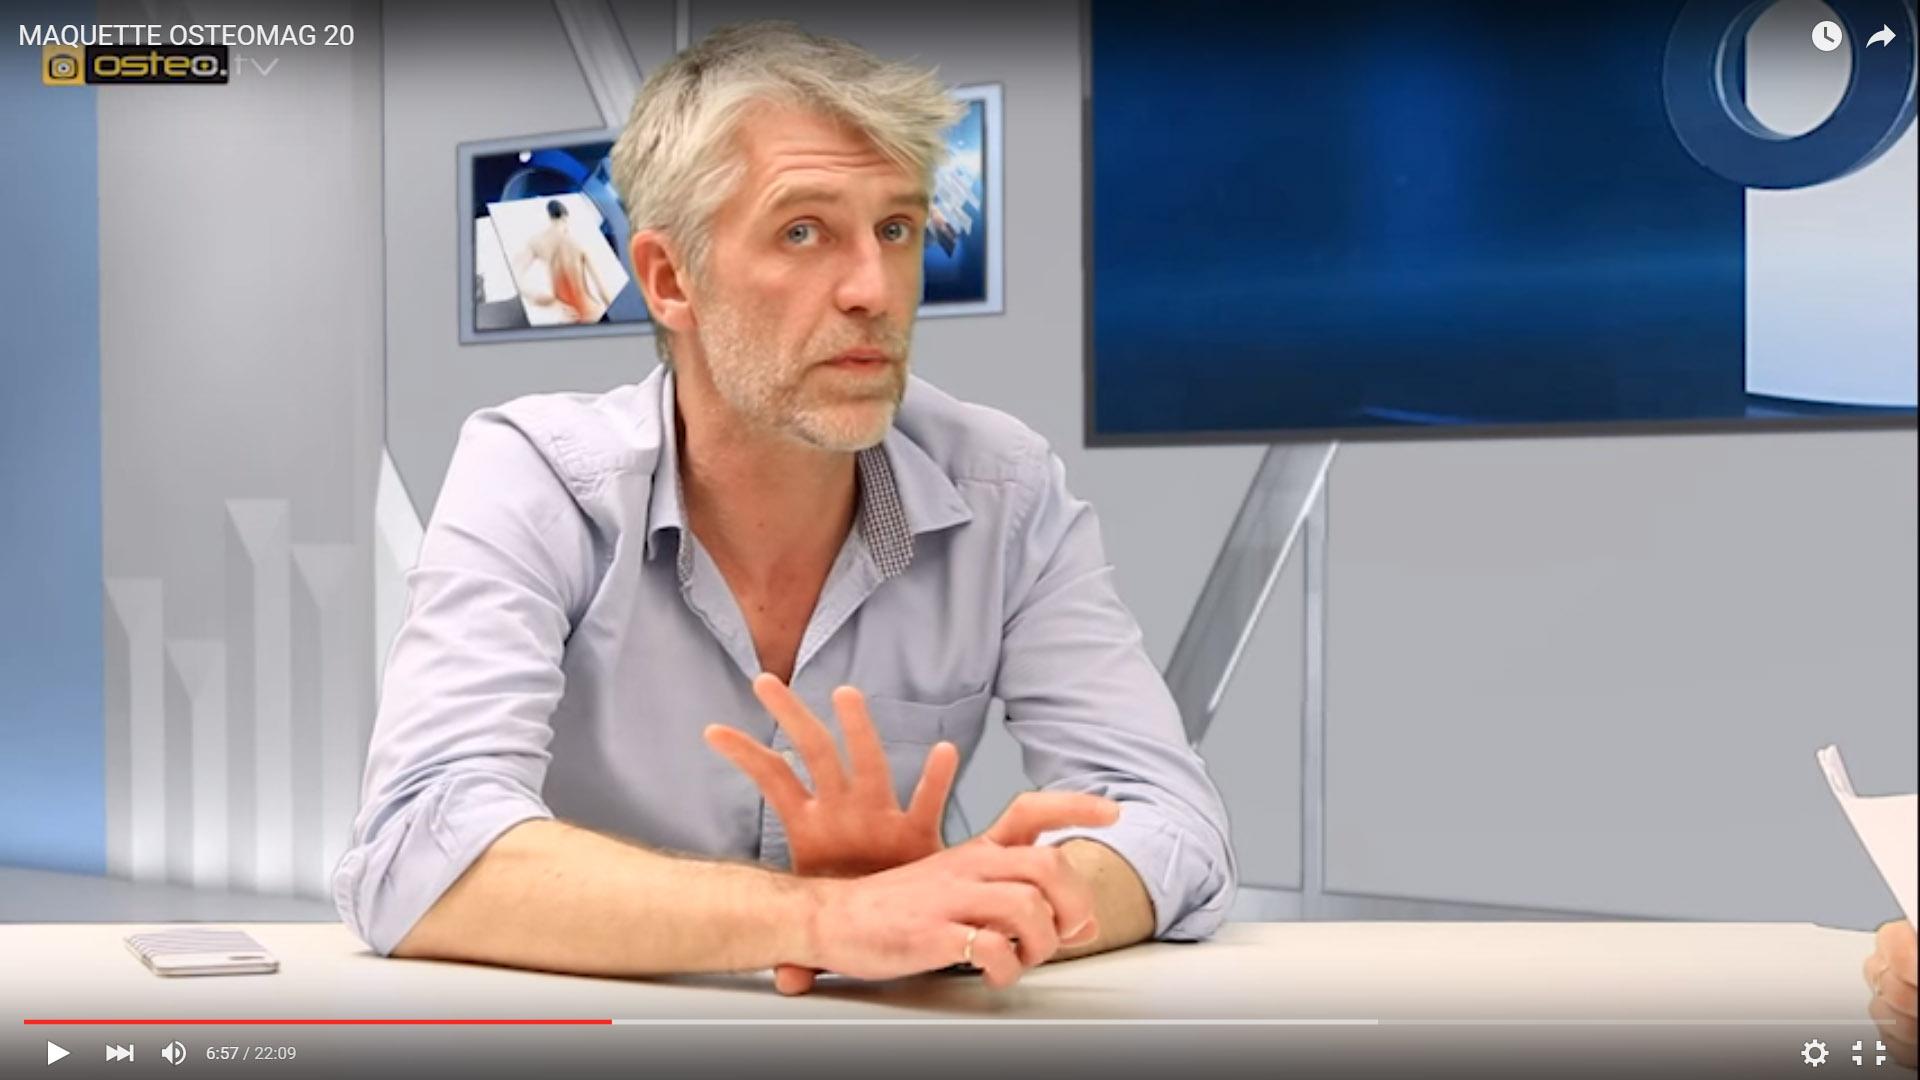 Ergonomie et recherche en biomécanique – OSTEOMag 20